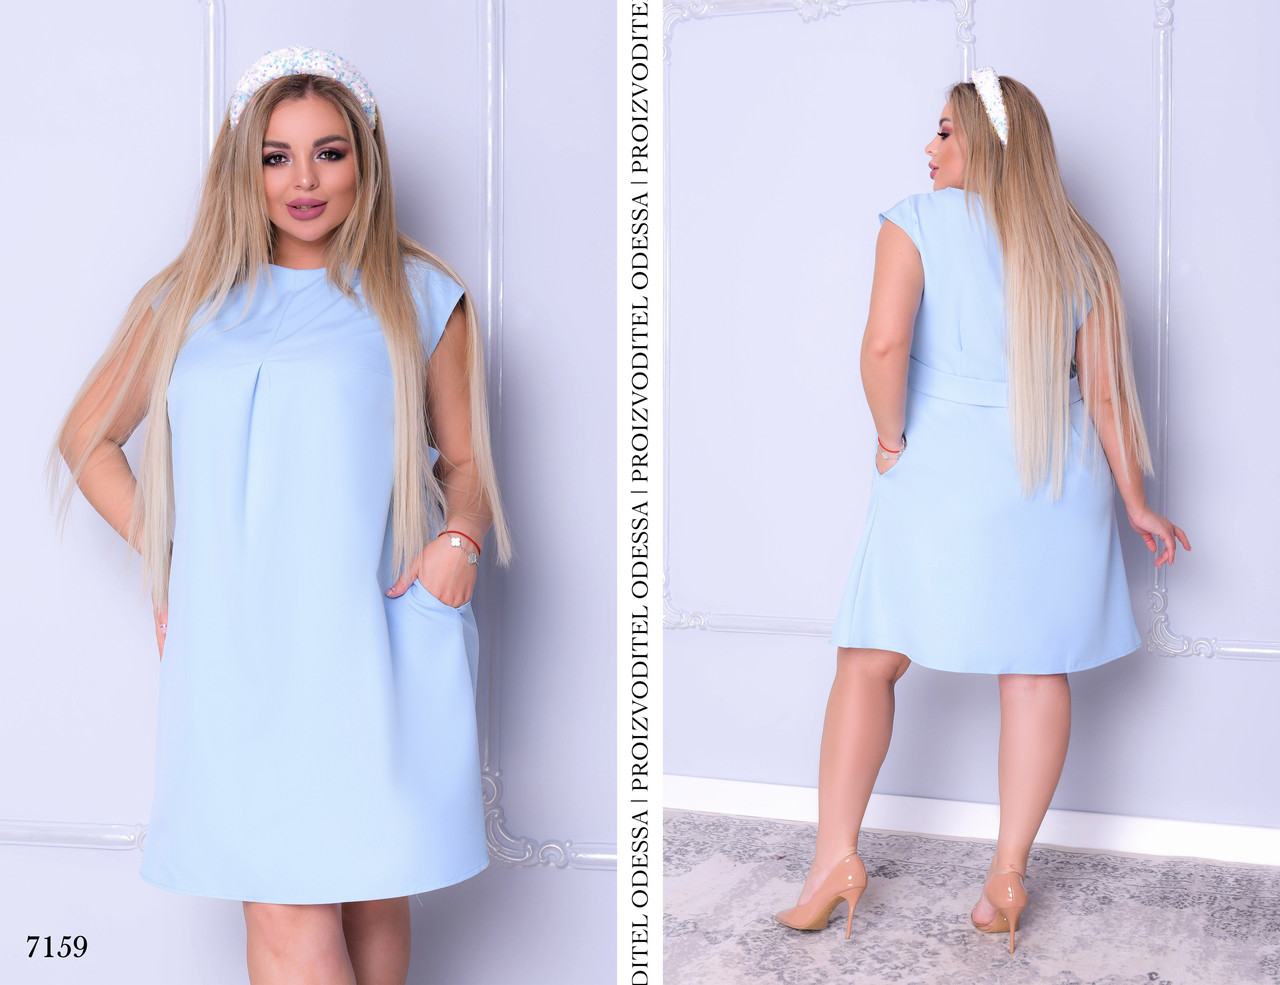 Плаття літнє без рукав вільного фасону плательный креп 46-48,50-52,54-56,58-60